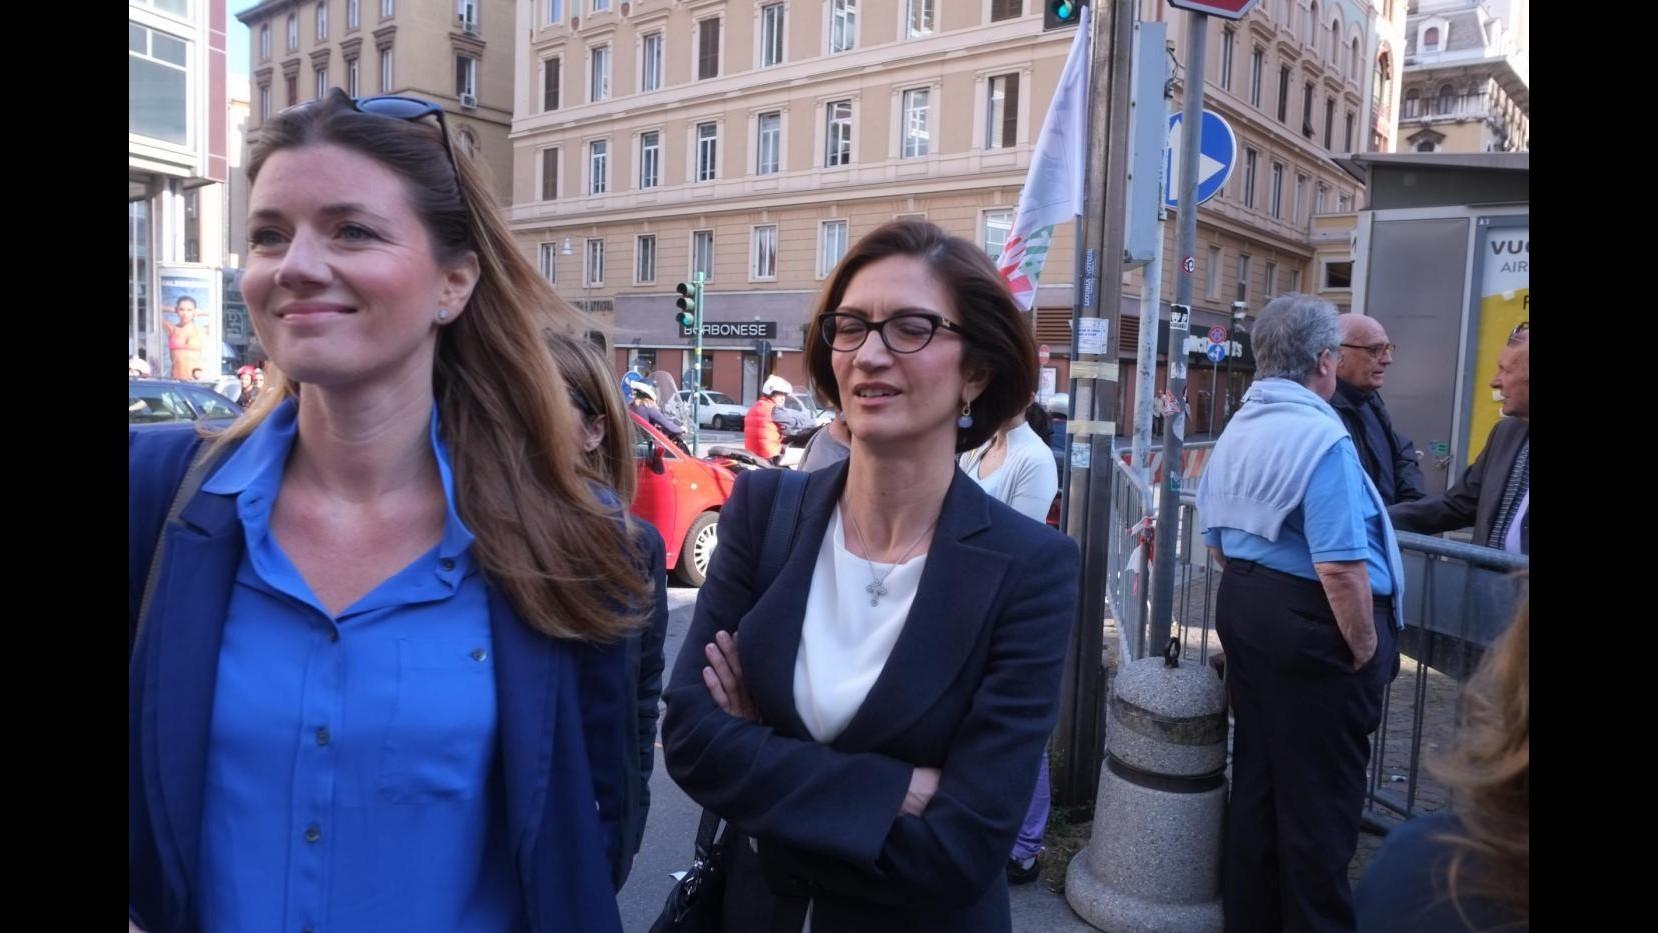 Brescia, Gelmini: Grazie a forze ordine e questura per operazione di oggi